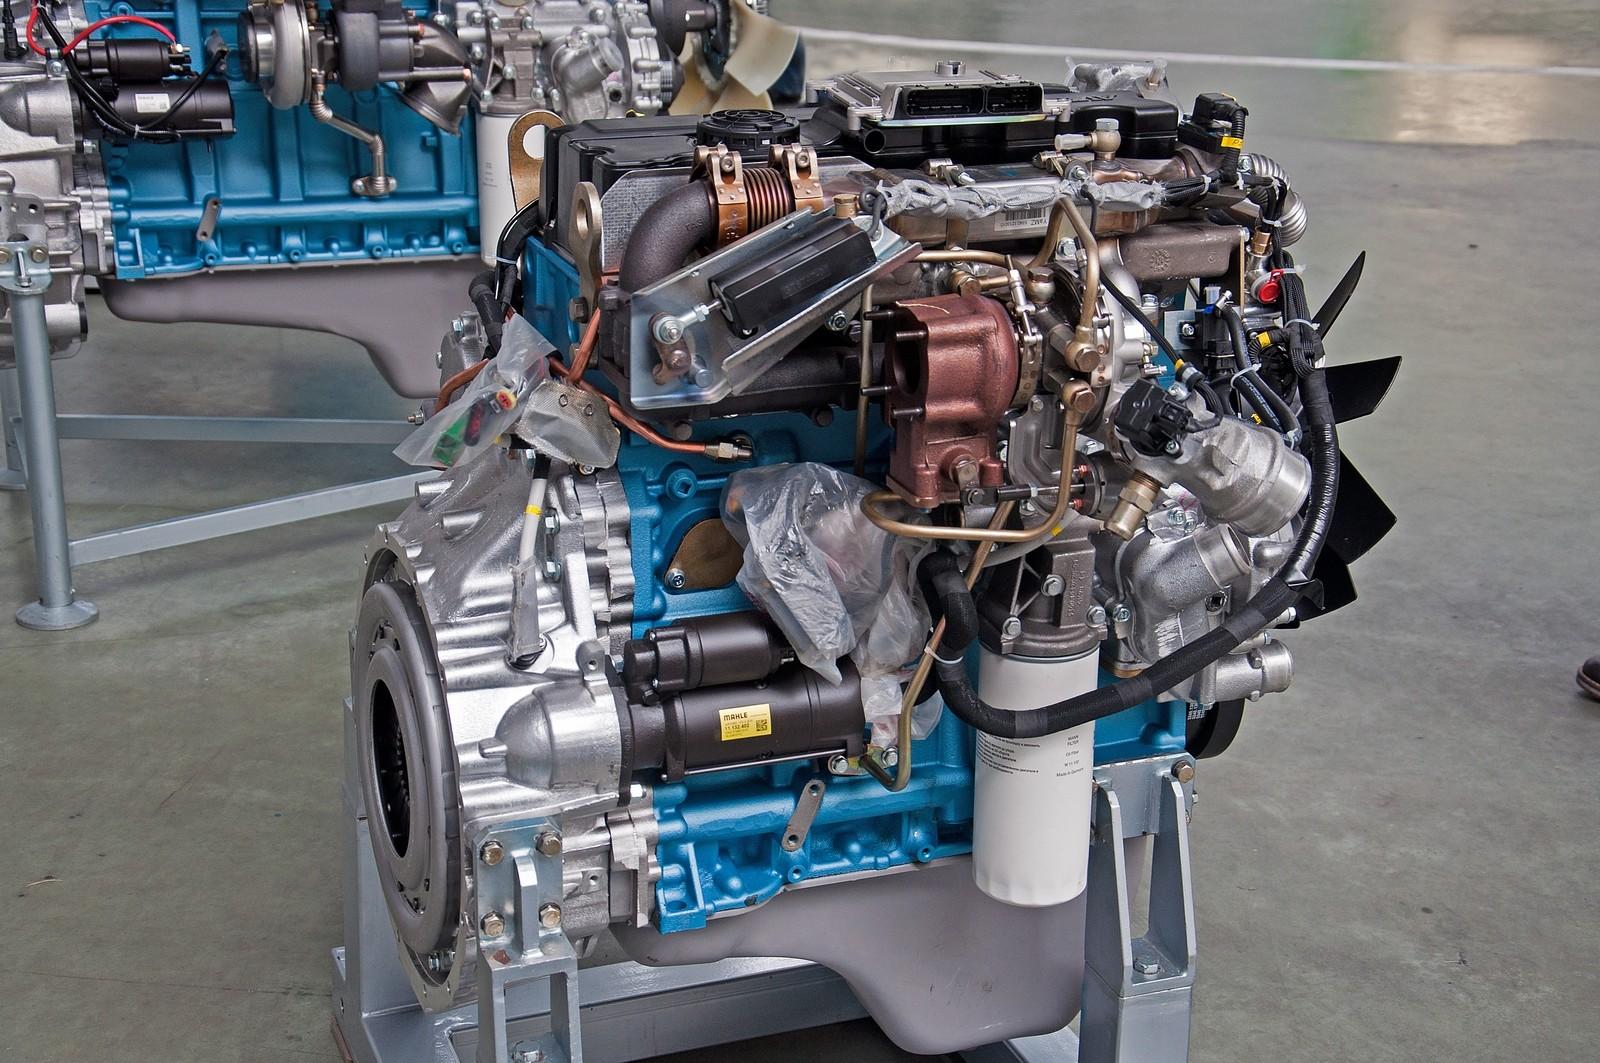 Колпачки для моторов combo выгодно защита подвеса силиконовая combo в домашних условиях